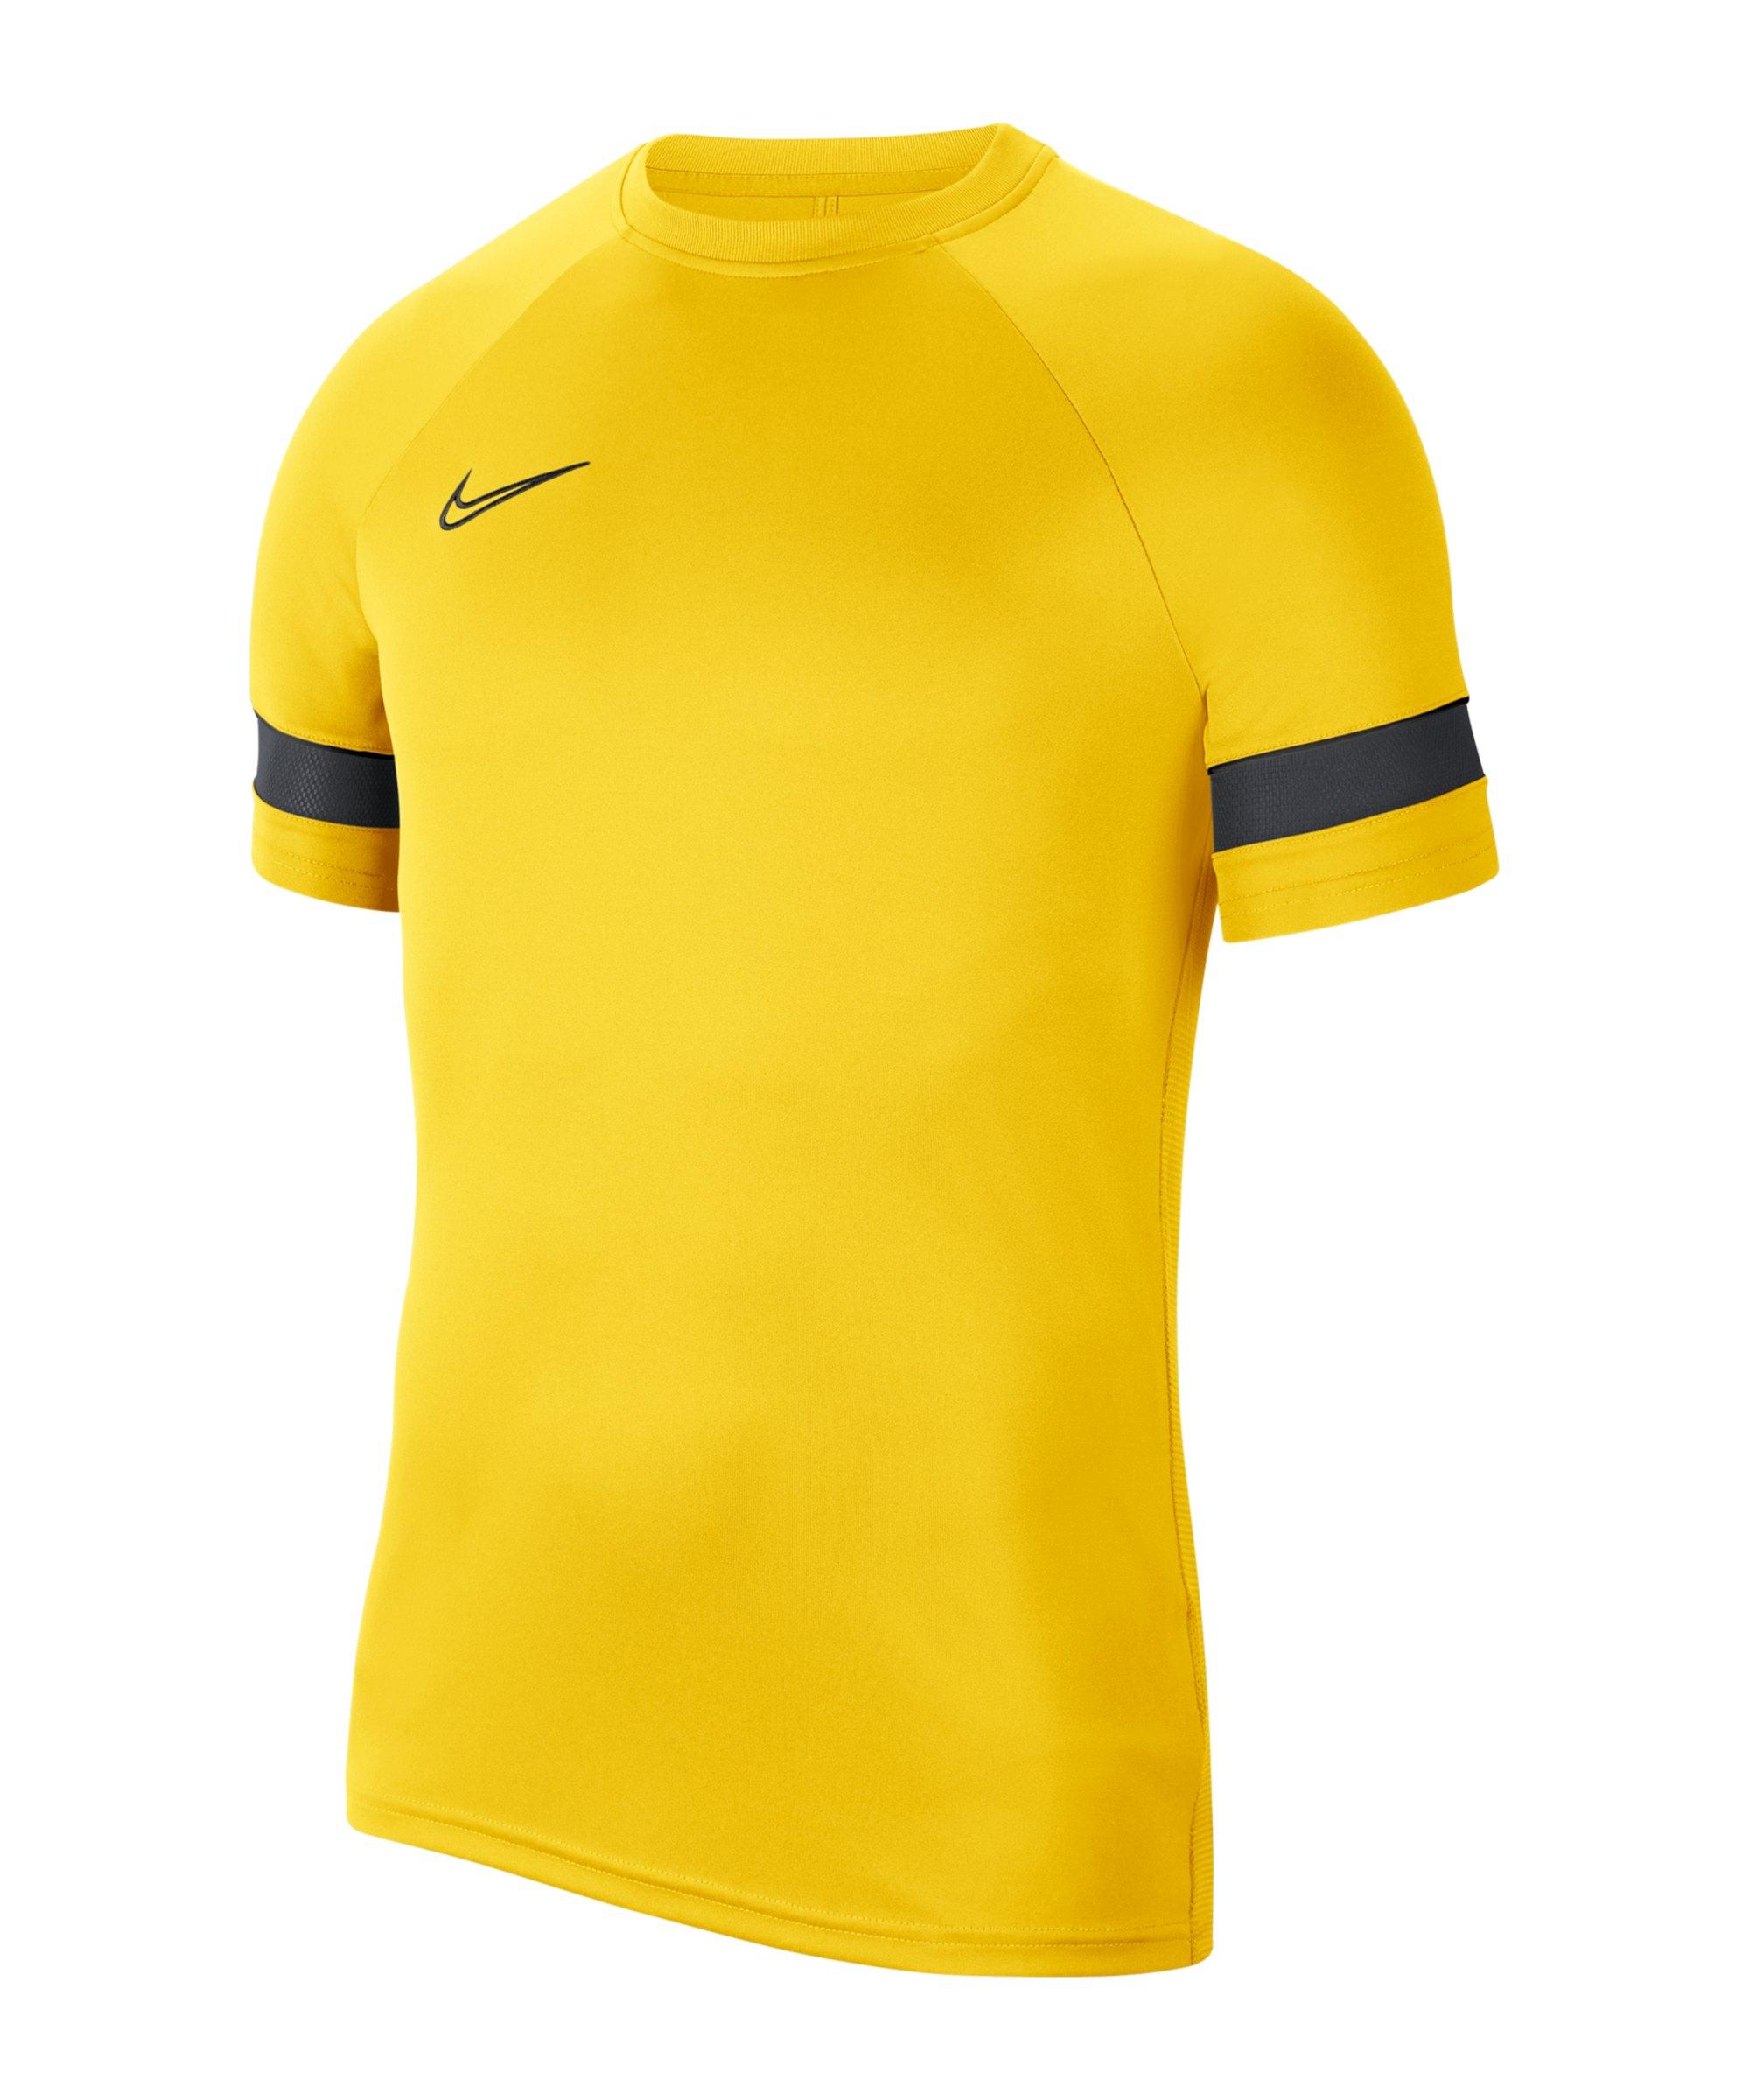 Nike Academy 21 T-Shirt Kids Gelb Schwarz F719 - gelb